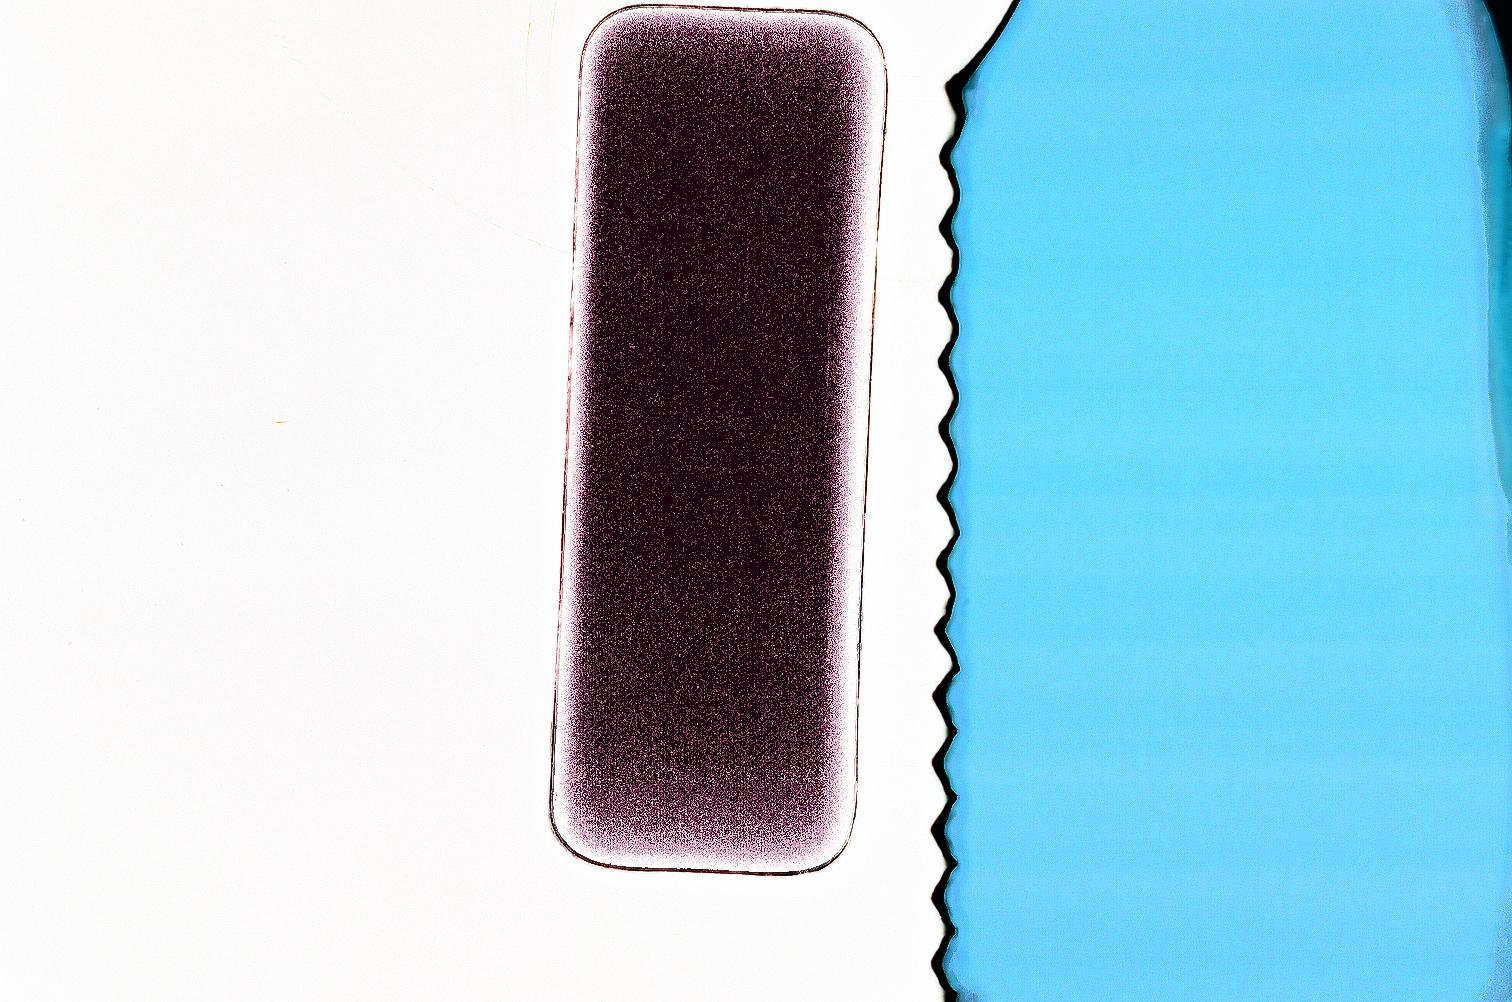 4962-001.jpg